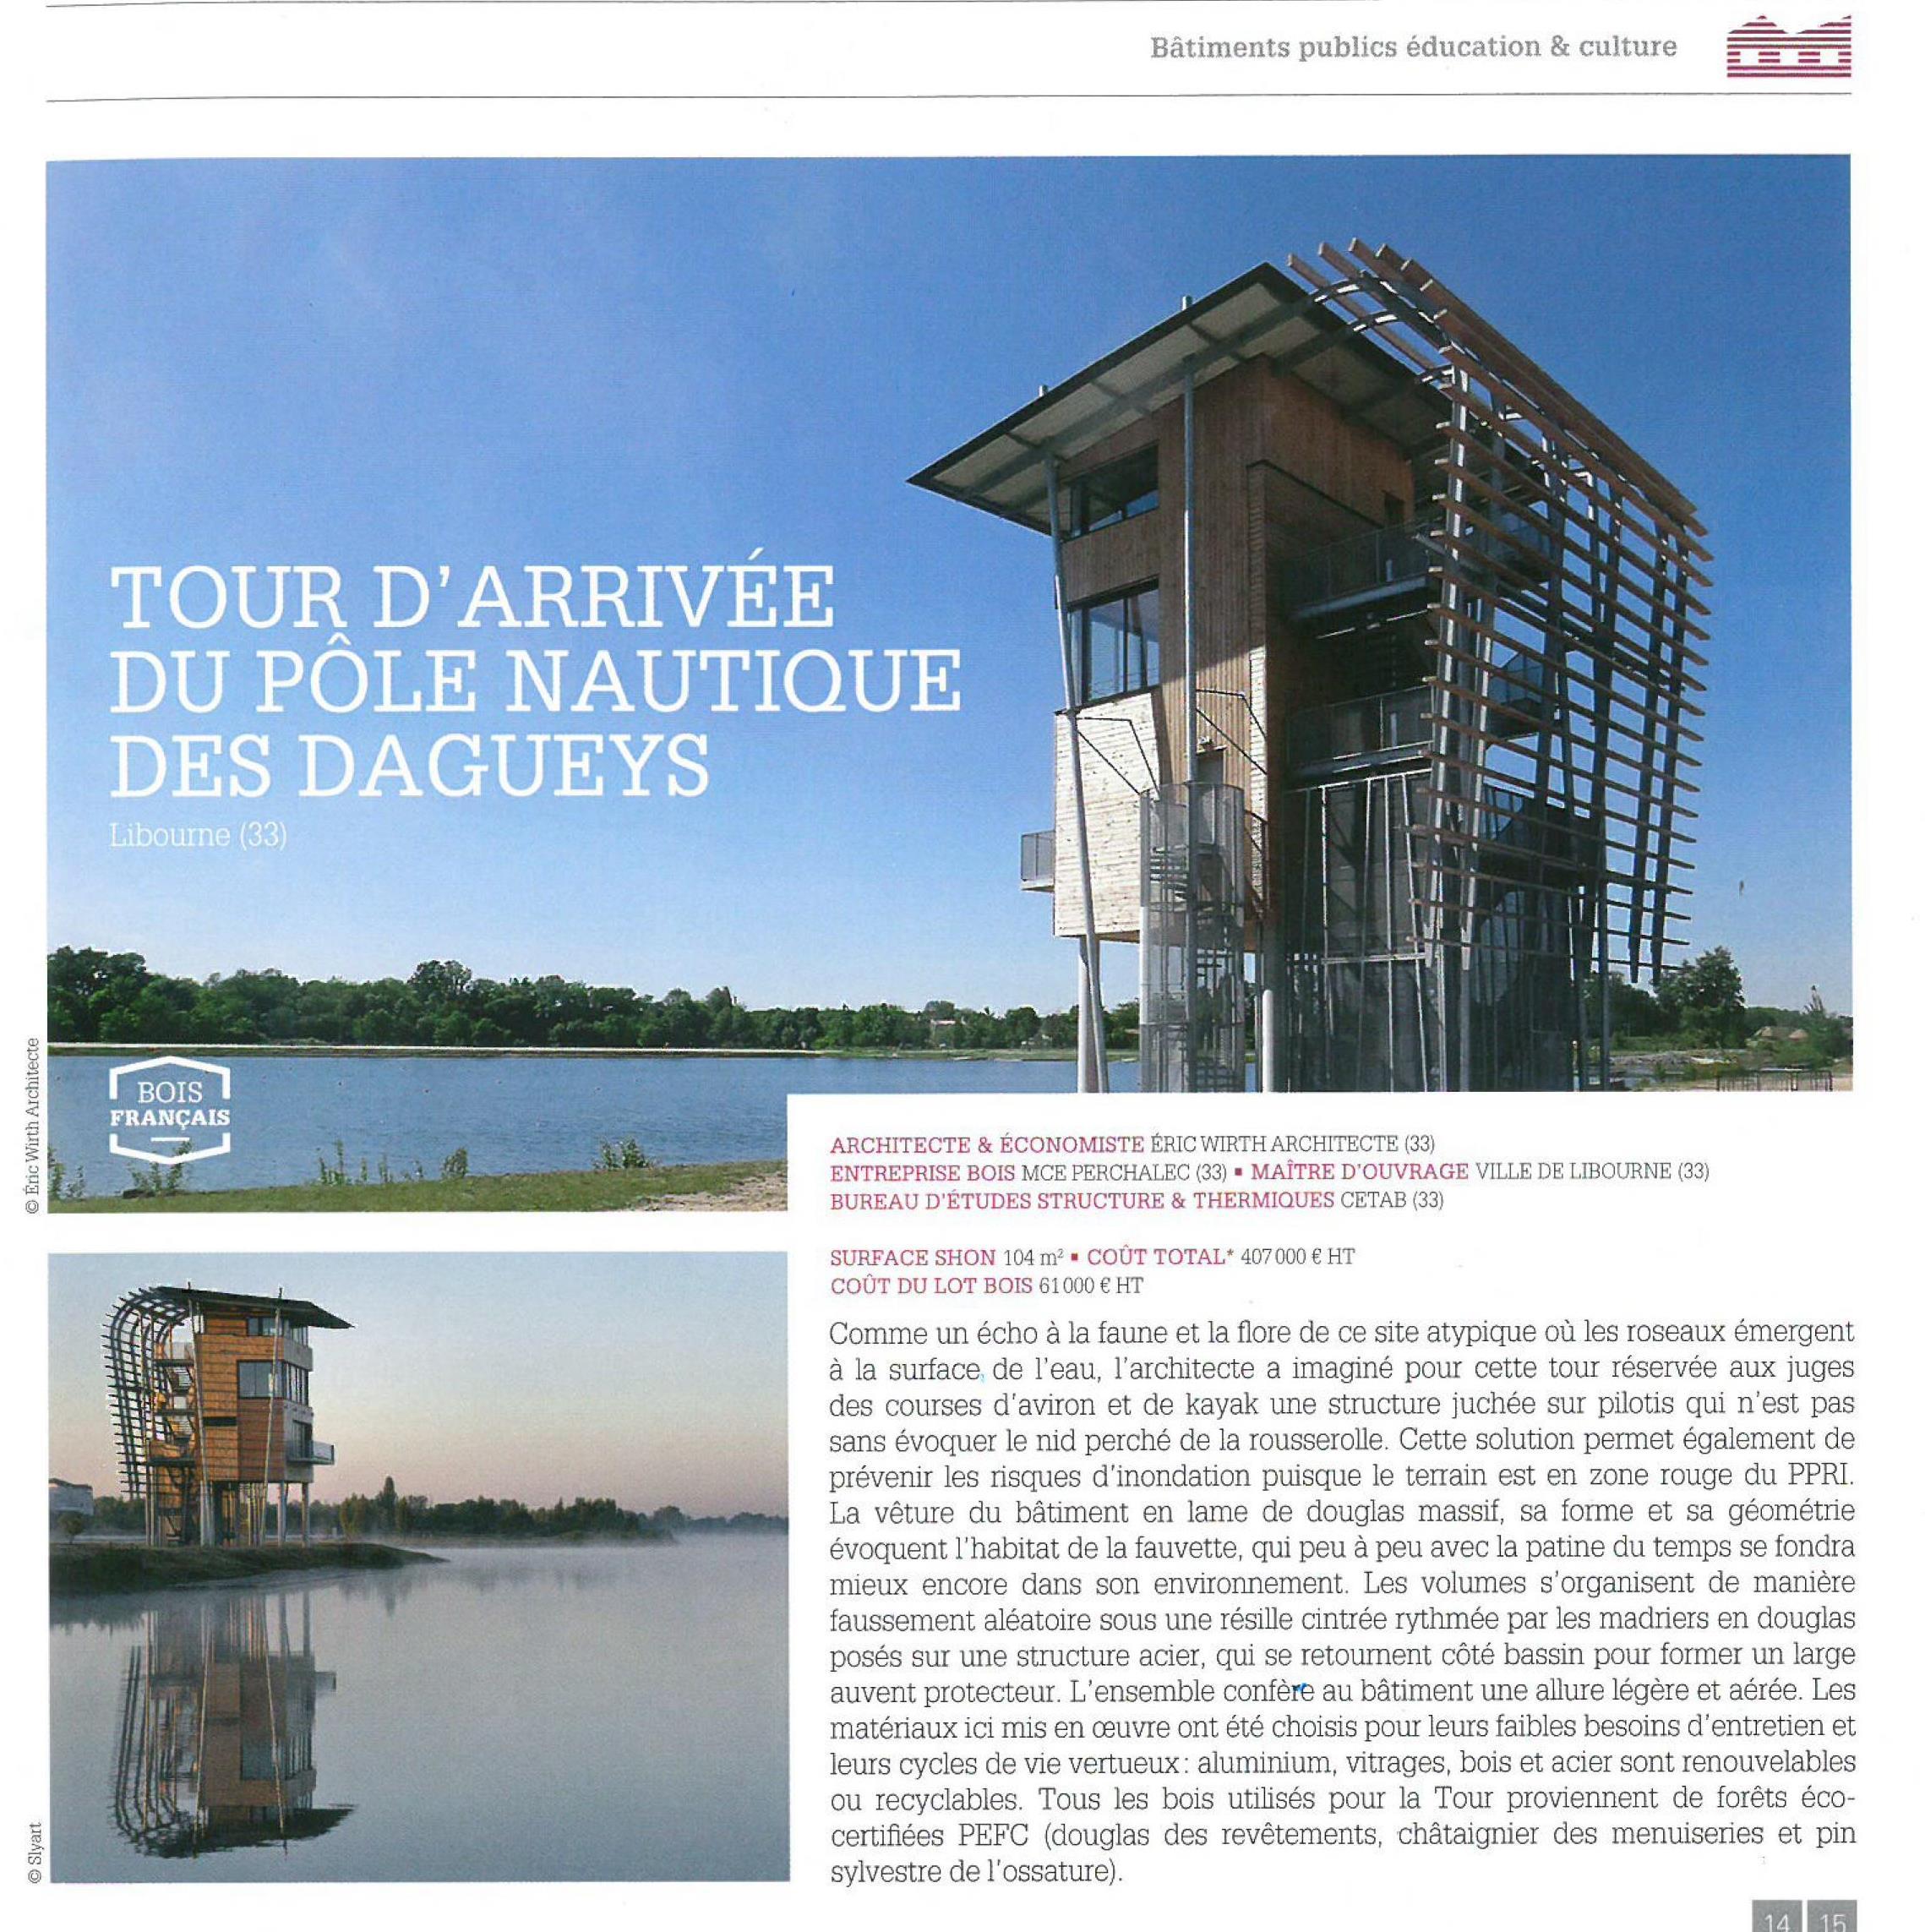 Tour D'arrivée Du Pôle Nautique Des Dagueys – Libourne